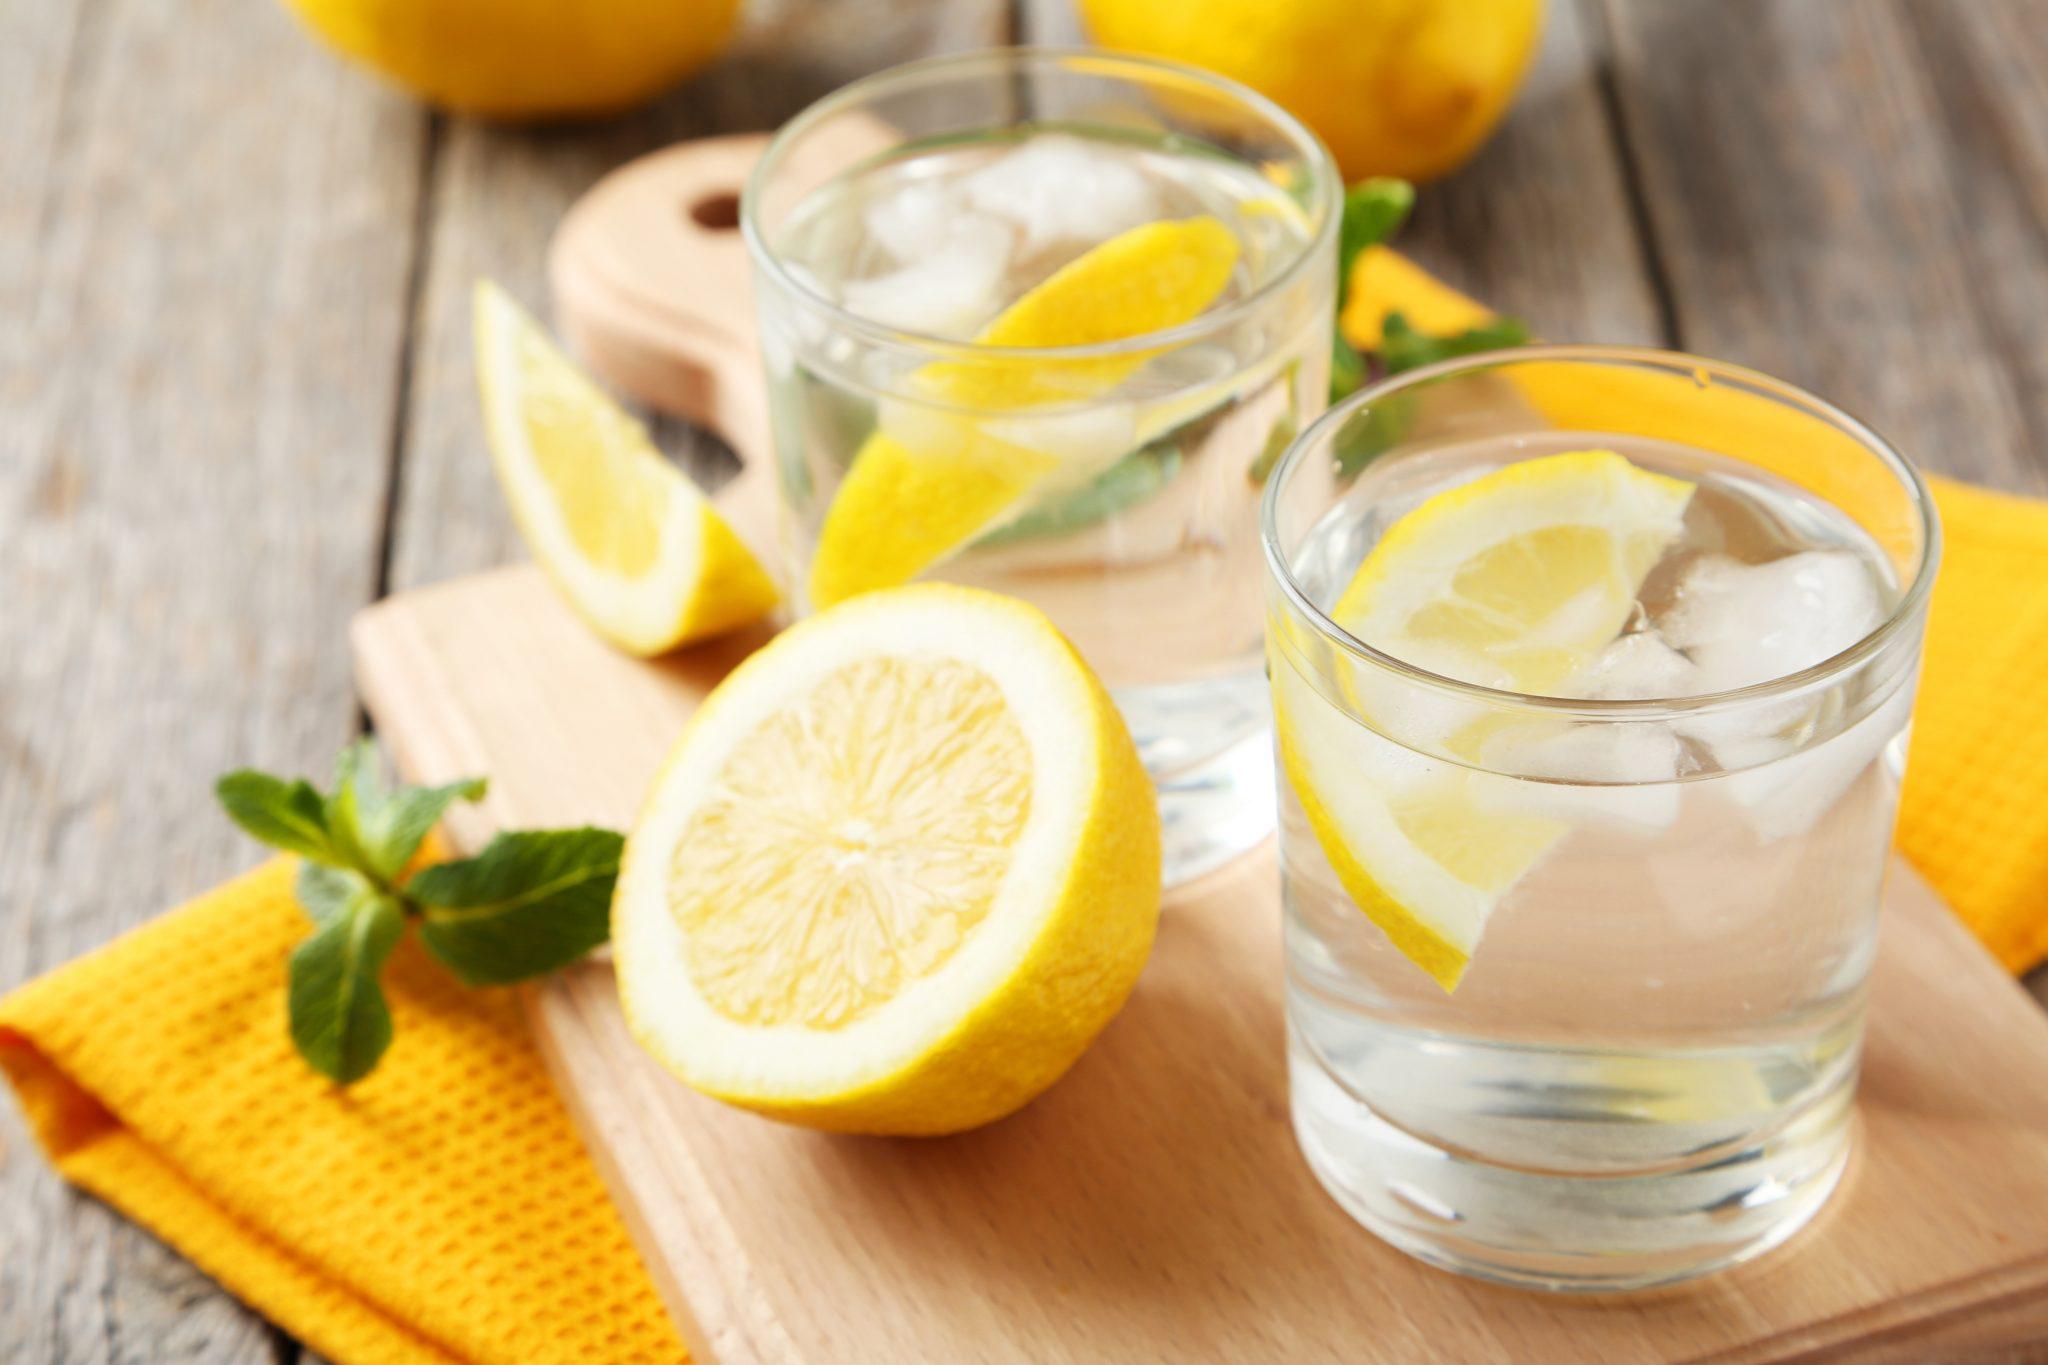 giảm cân bằng vitamin c từ chanh